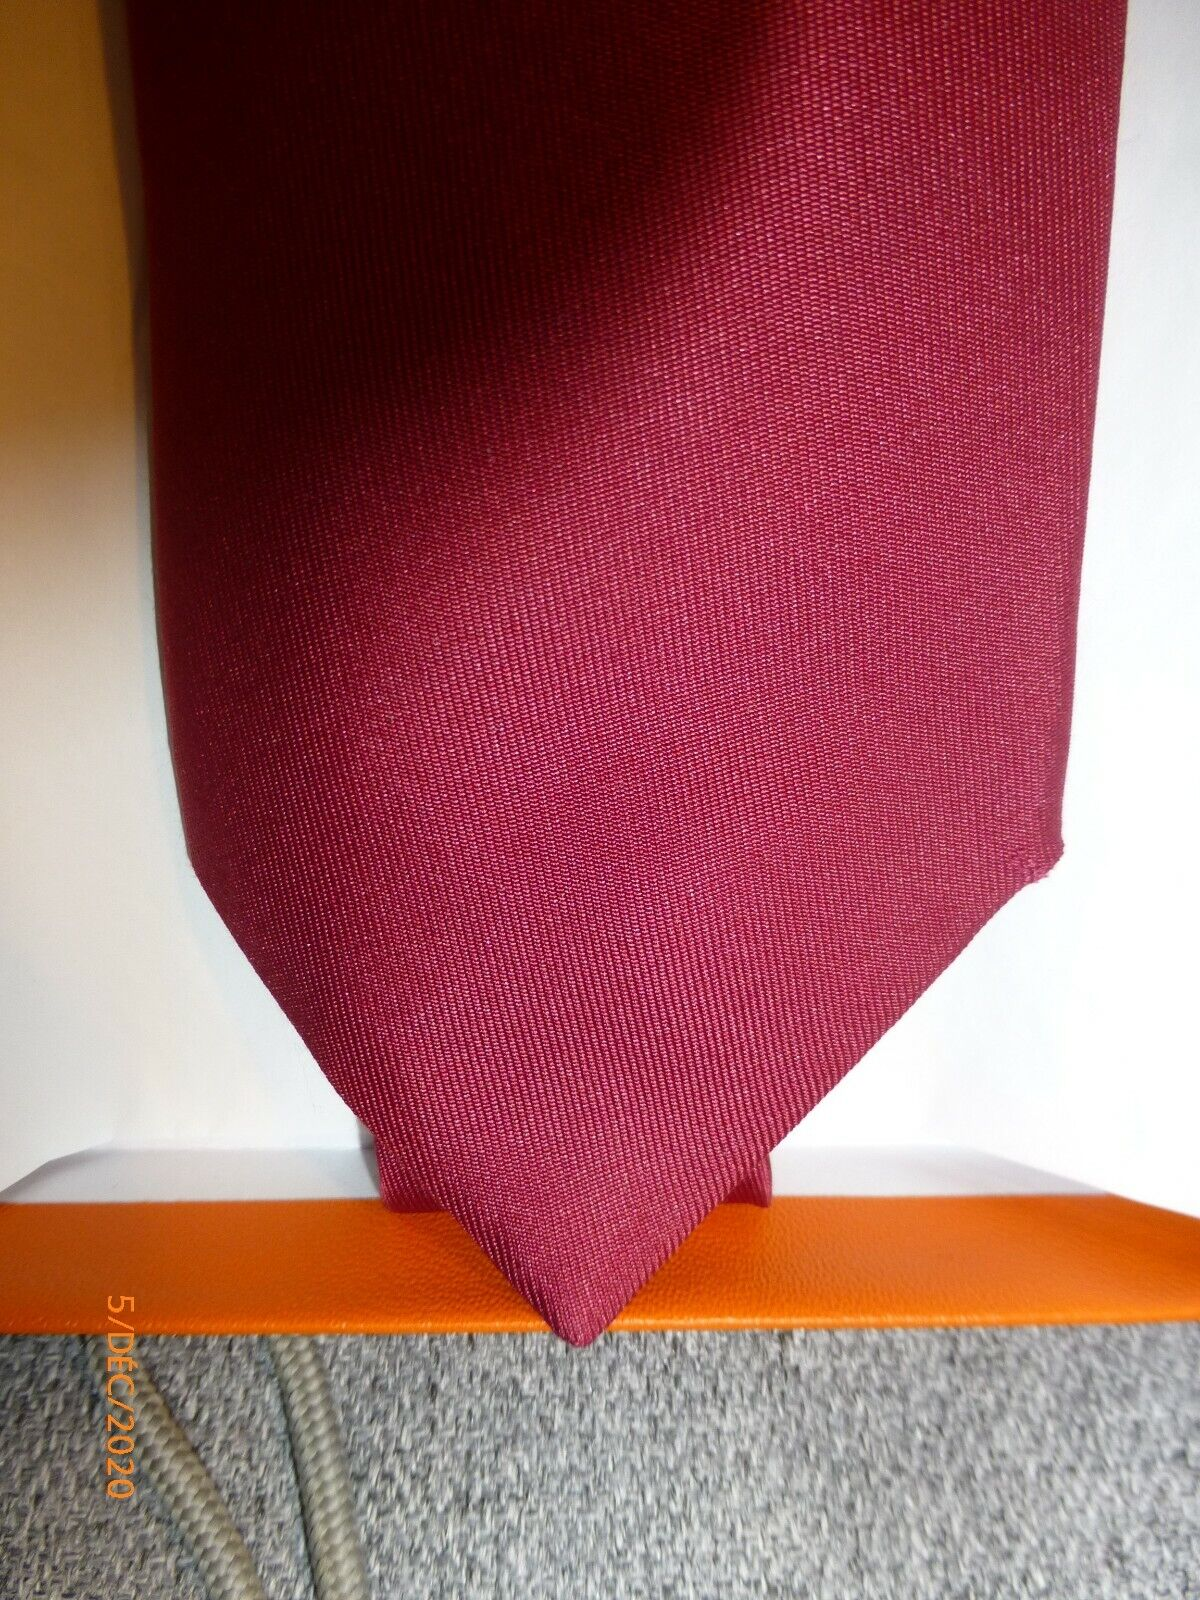 Cravate hermès, couleur lie de vin, bordeaux